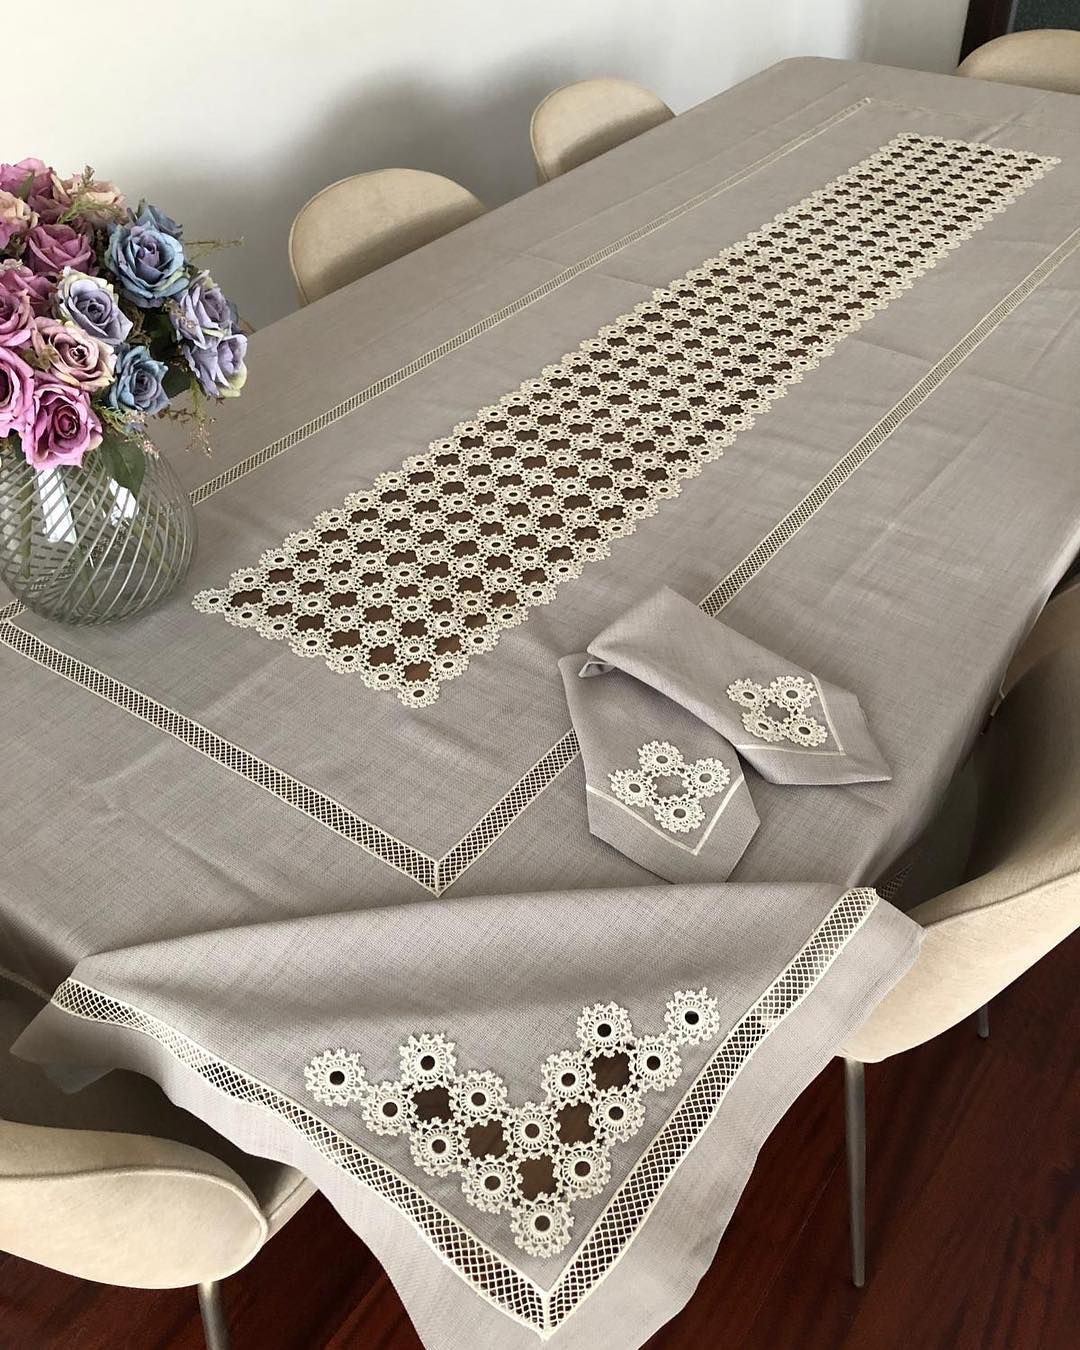 """Altınmakas Tekstil & Tasarım sur Instagram: bir Une toute nouvelle nappe et serviettes 🙊 N'est-ce pas génial? DM DM pour obtenir des informations almak il suffit d'appeler. İşlem05392852875 Broderie… """"   – DANTEL DEĞERLENDİRME"""